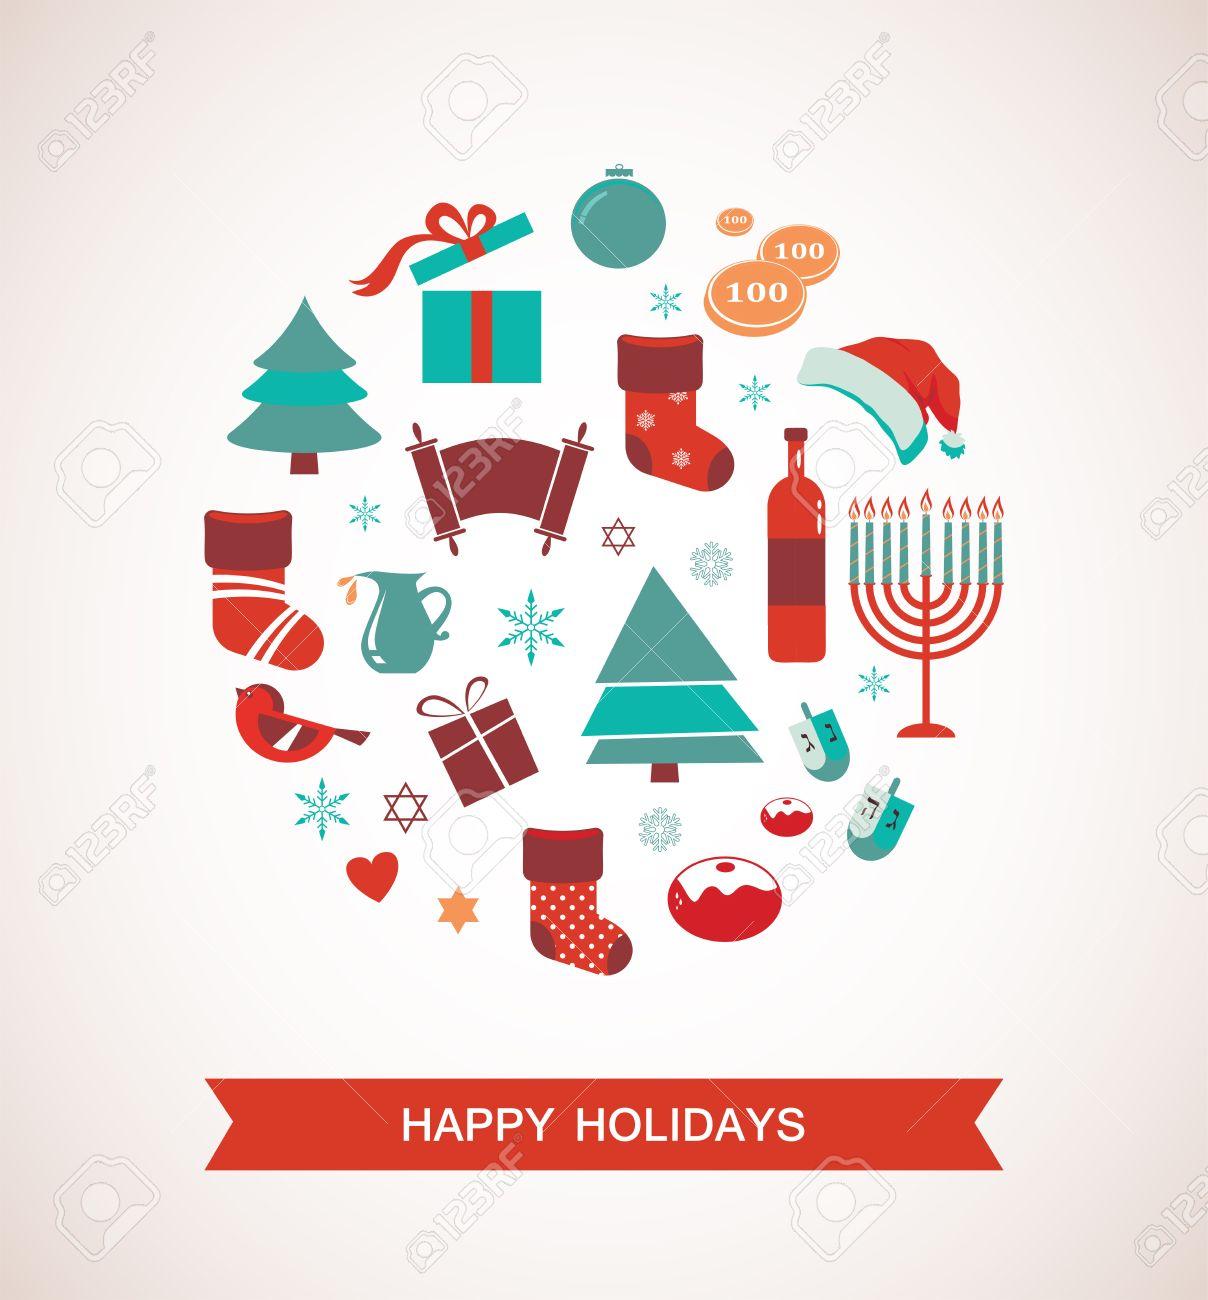 Christmas Hannakah.Merry Christmas And Happy Hanukkah